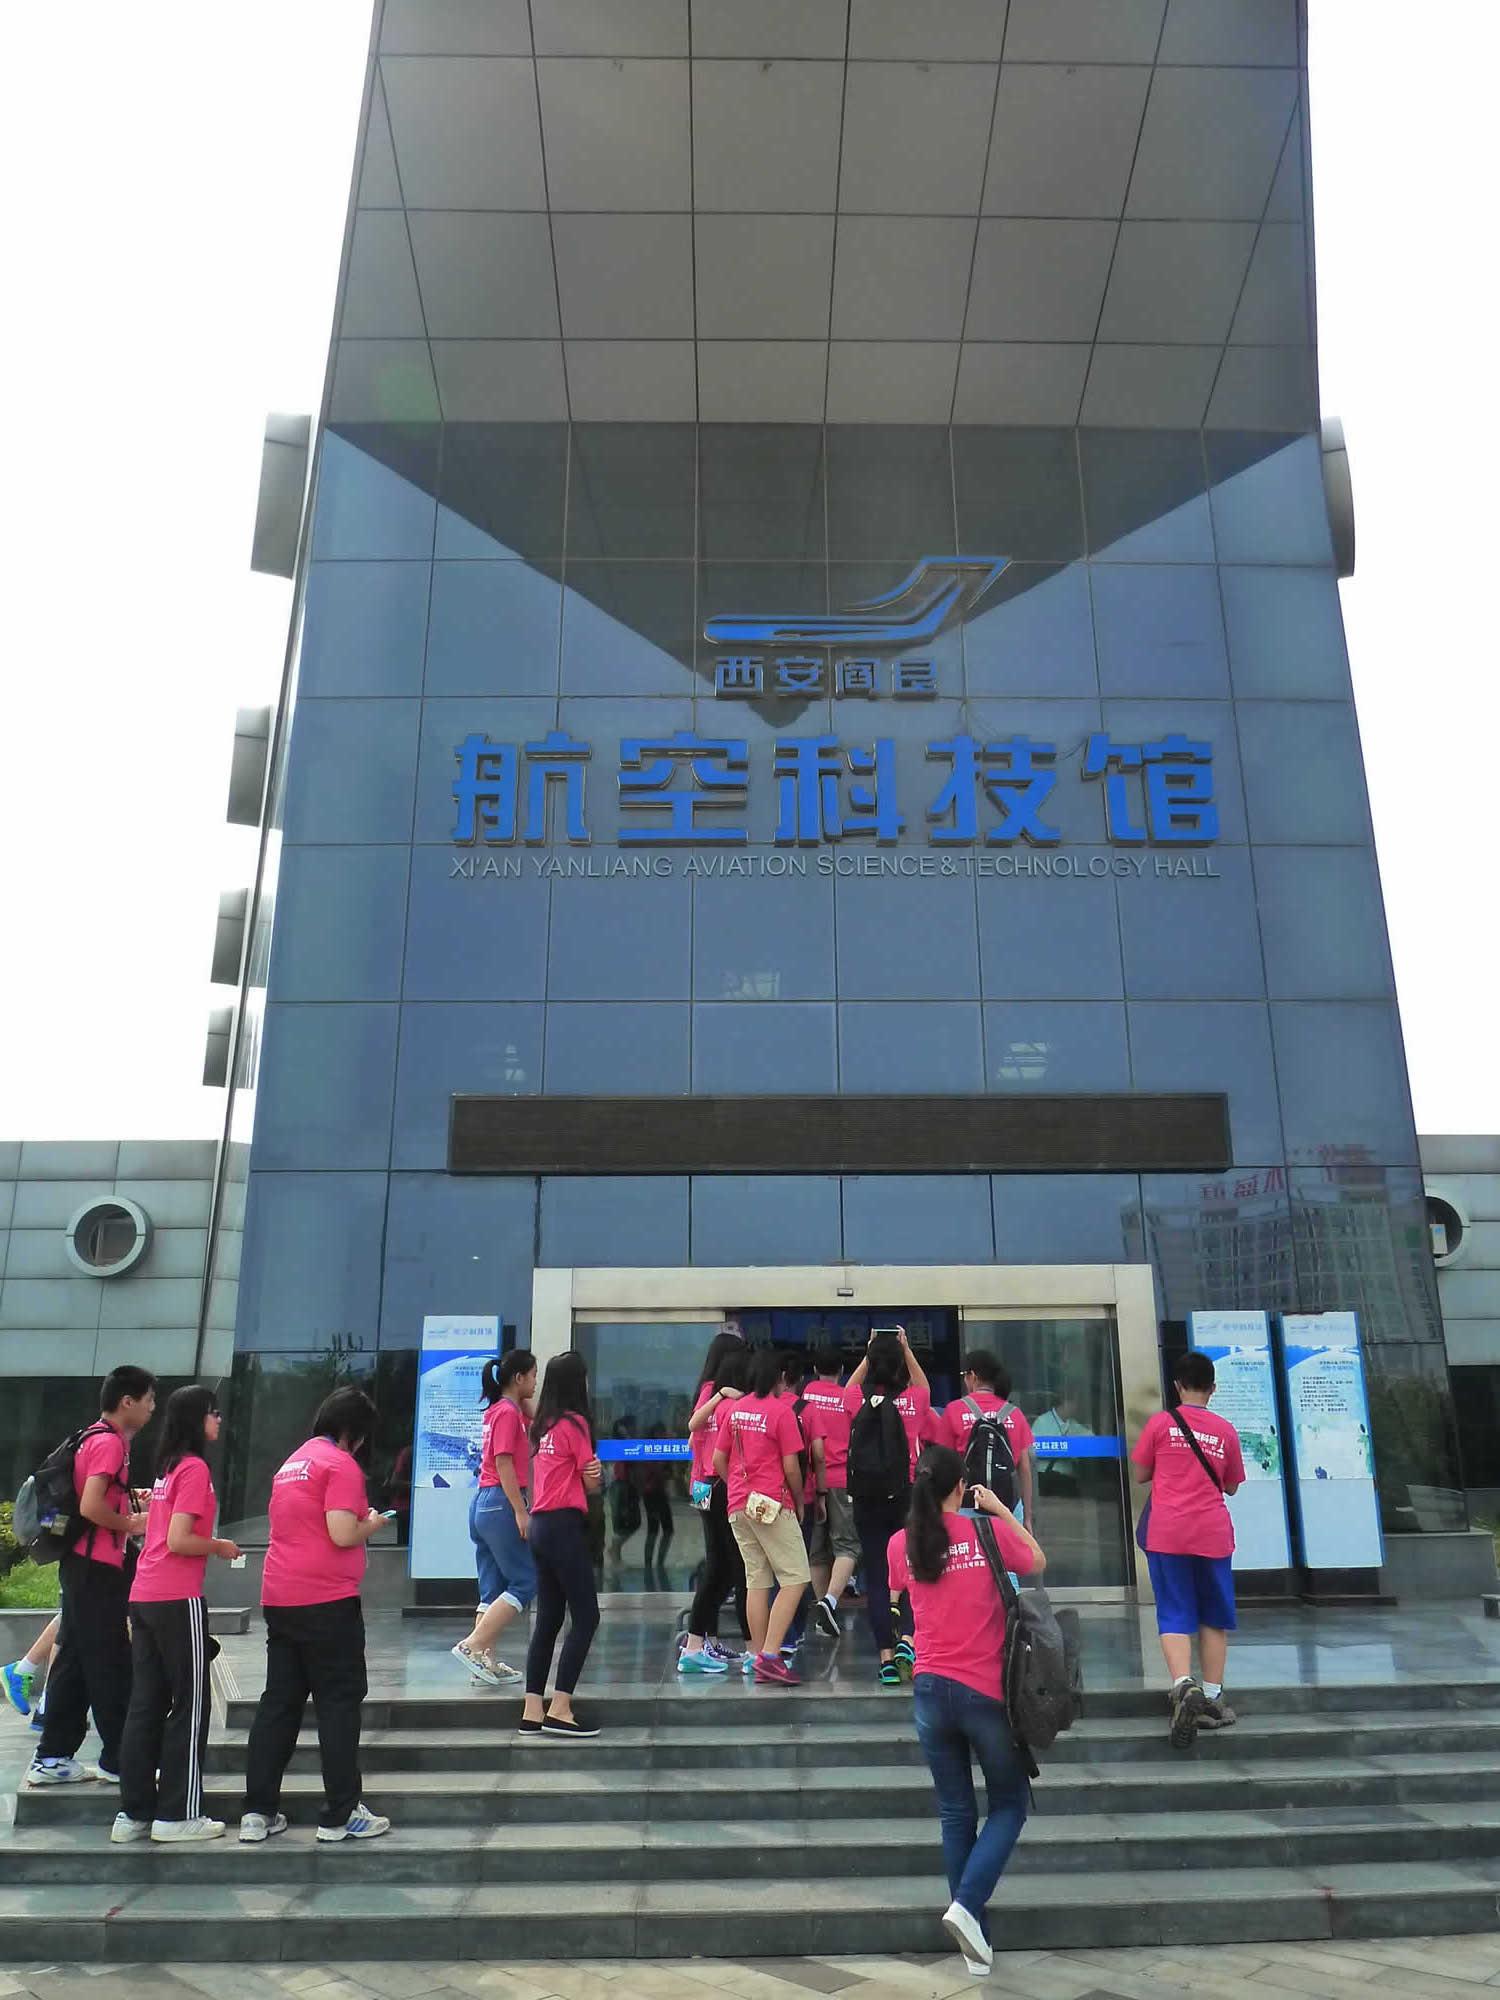 參觀西安閻良航空科技館